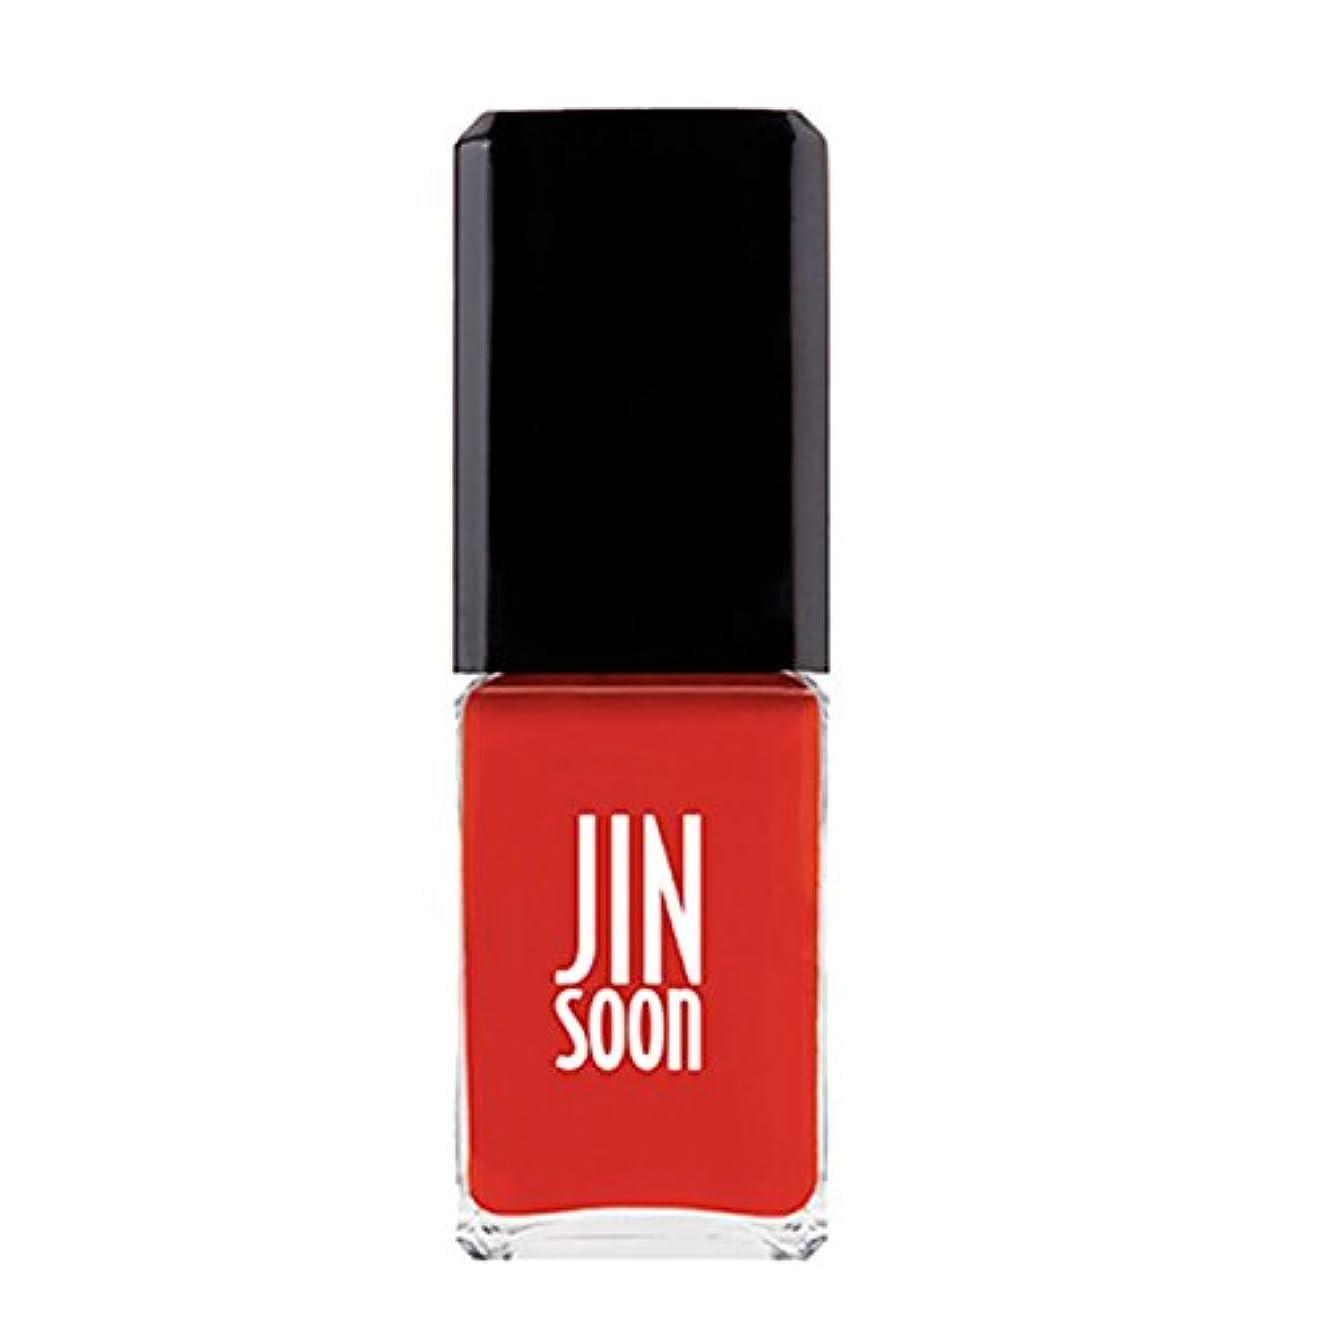 タイプひばり意気揚々[ジンスーン] [ jinsoon] ポップ?オレンジ(ホットオレンジ) POP ORANGE ジンスーン 5フリー ネイルポリッシュ【オレンジ】 11mL